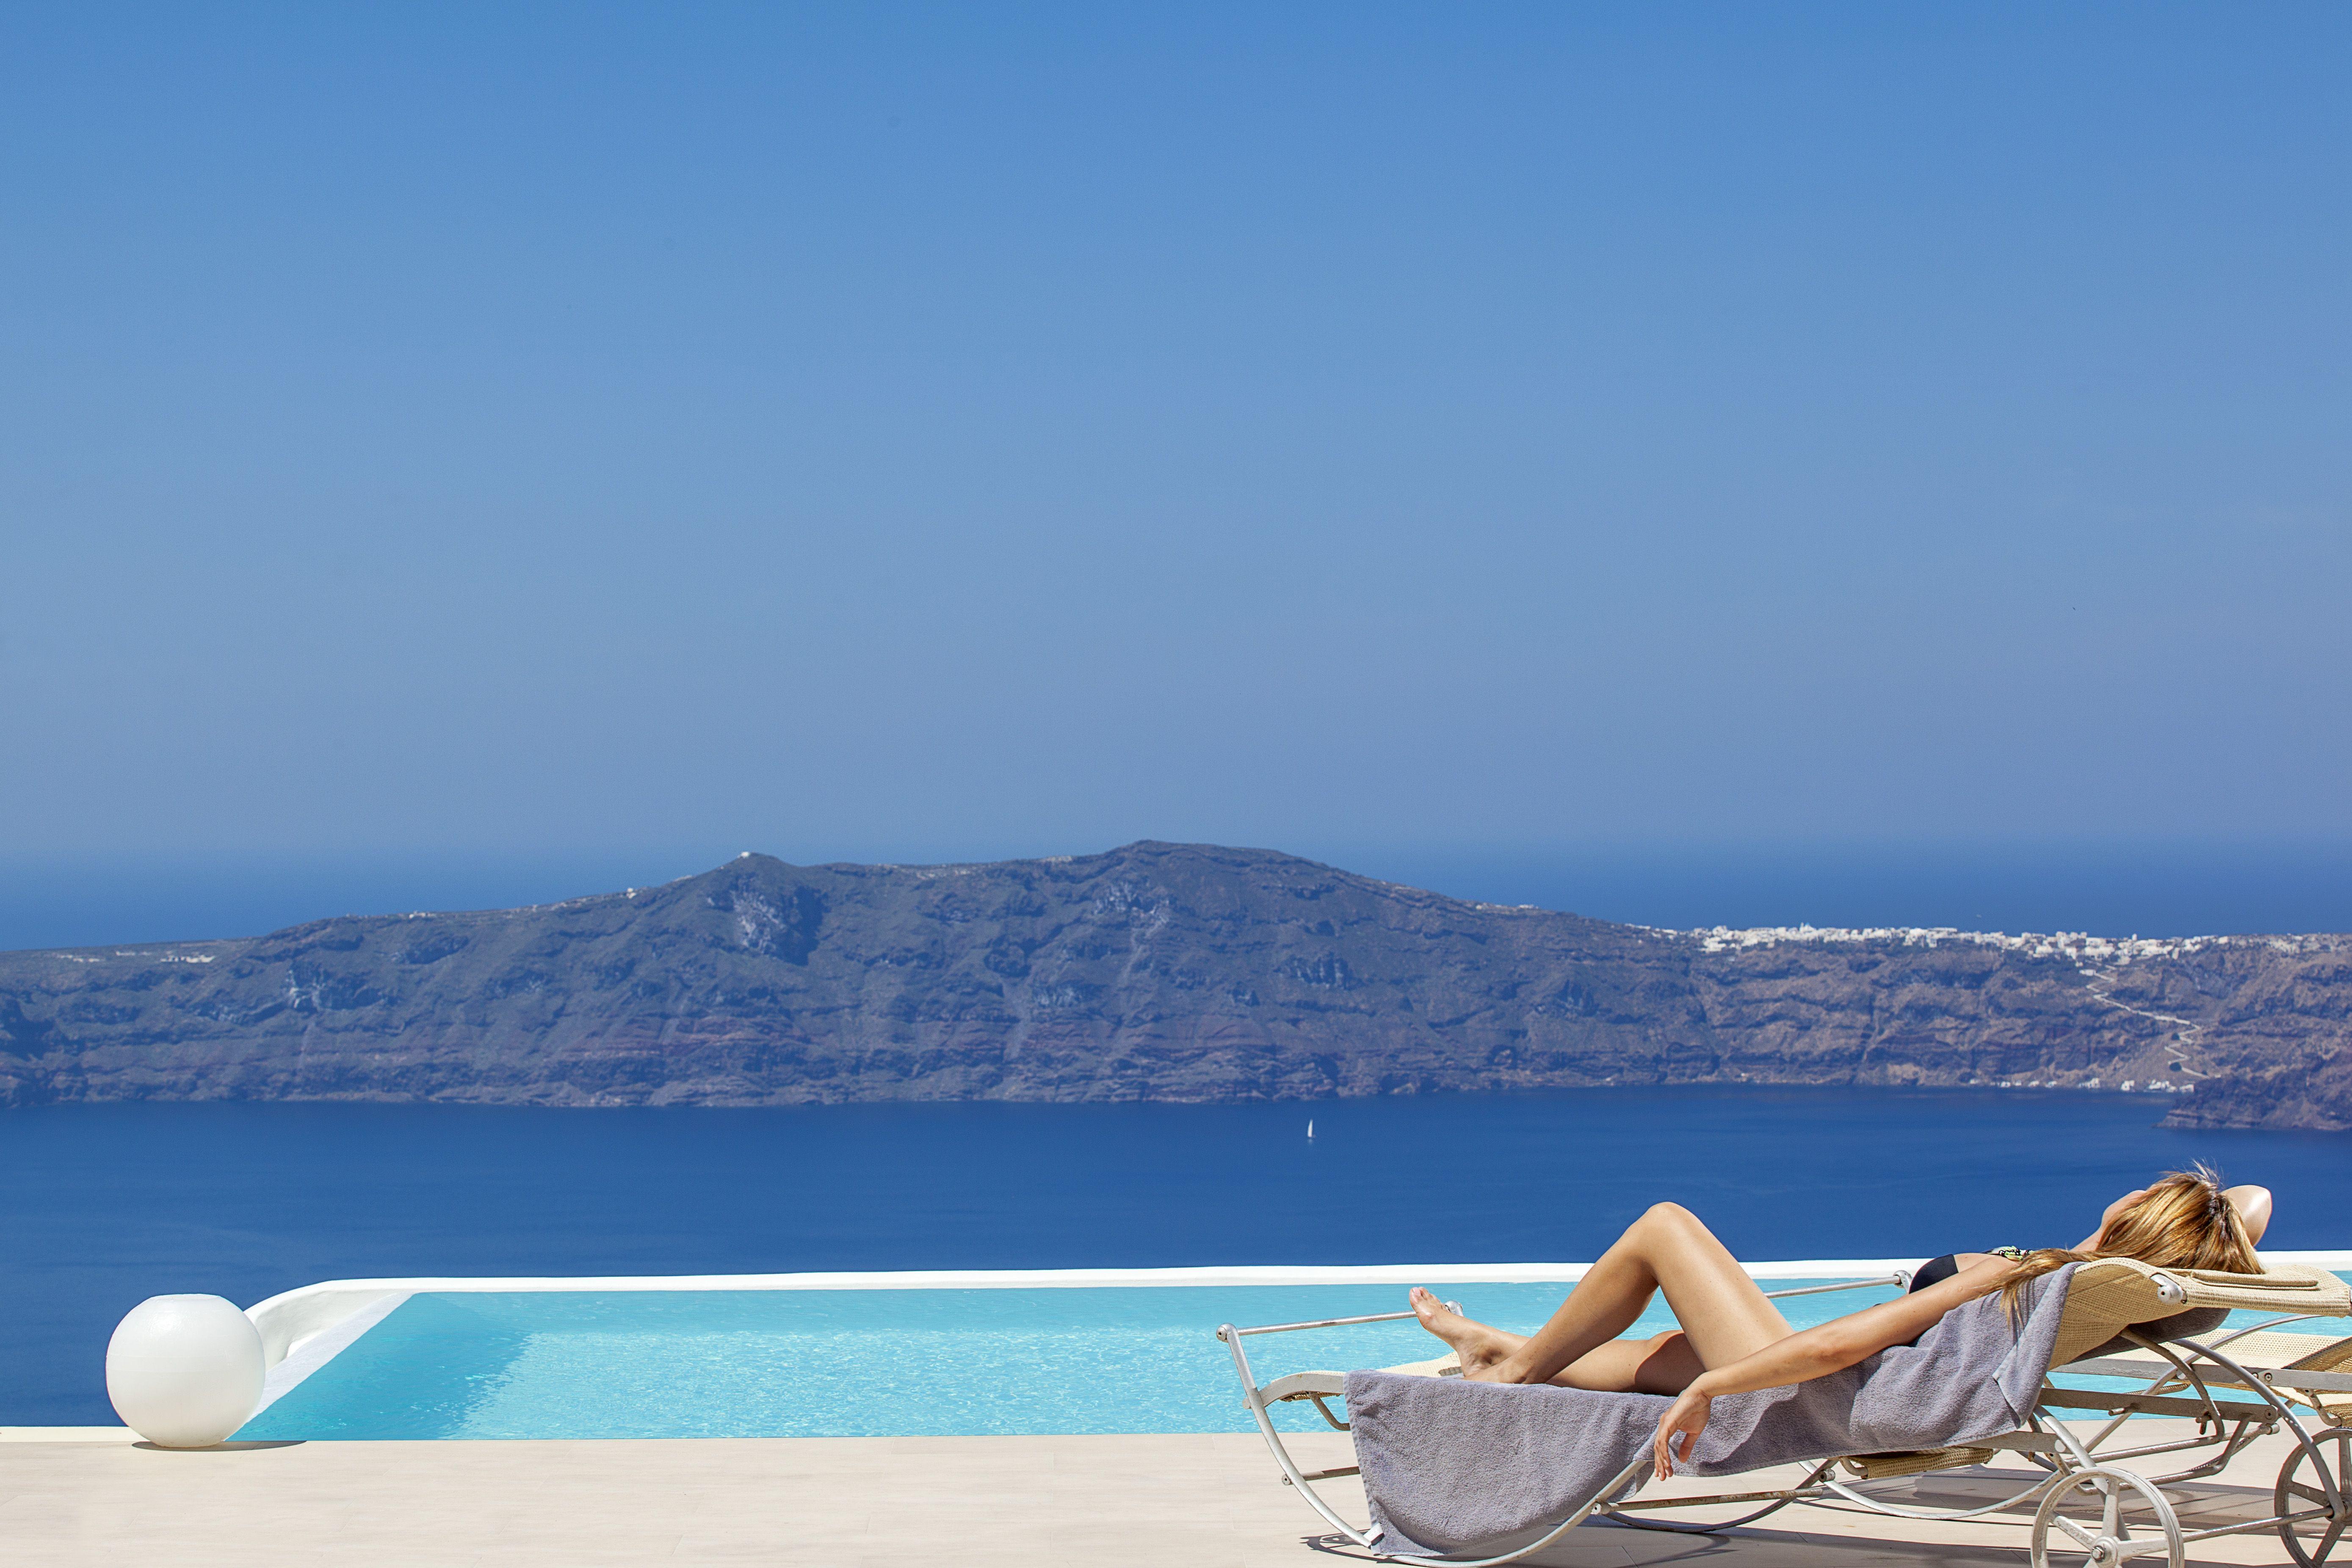 #WishyouwereHere La Maltese Estate in Imerovigli, Santorini, Greece http://www.slh.com/hotels/la-maltese-estate/